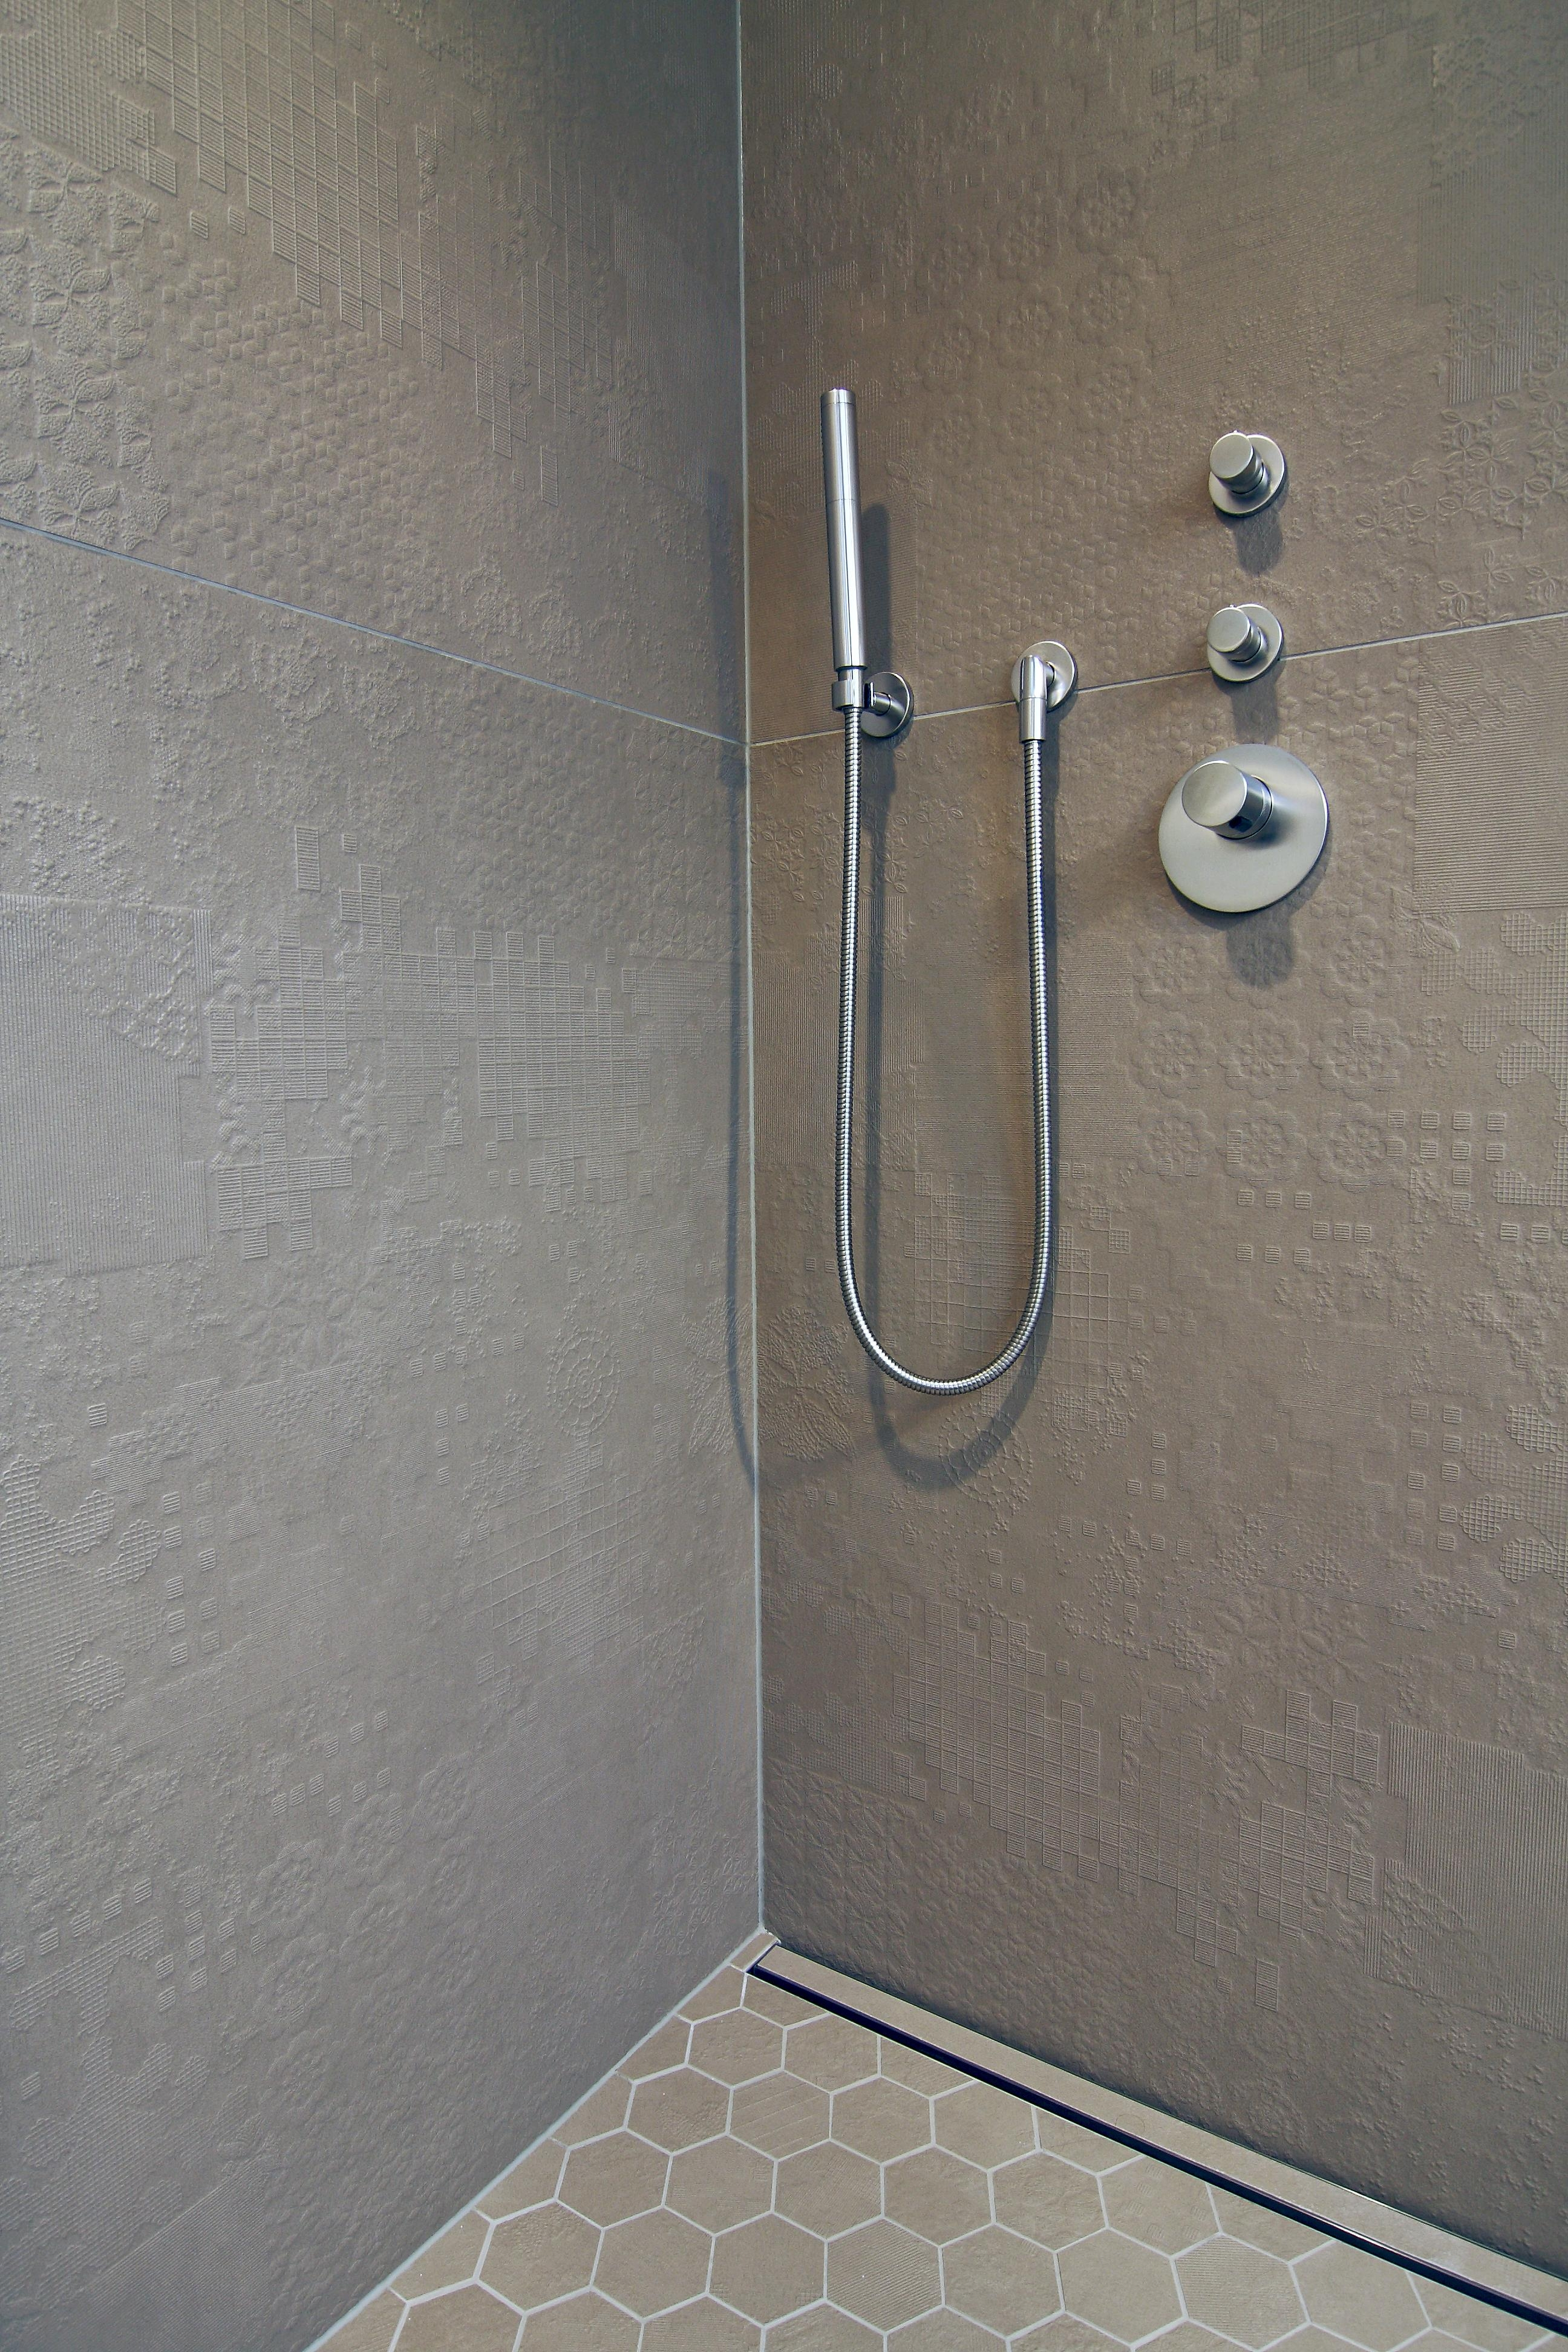 #bestebadstudios #badezimmer #bad #dusche #badarmatur #modernesbadezimmer  #badsanierung